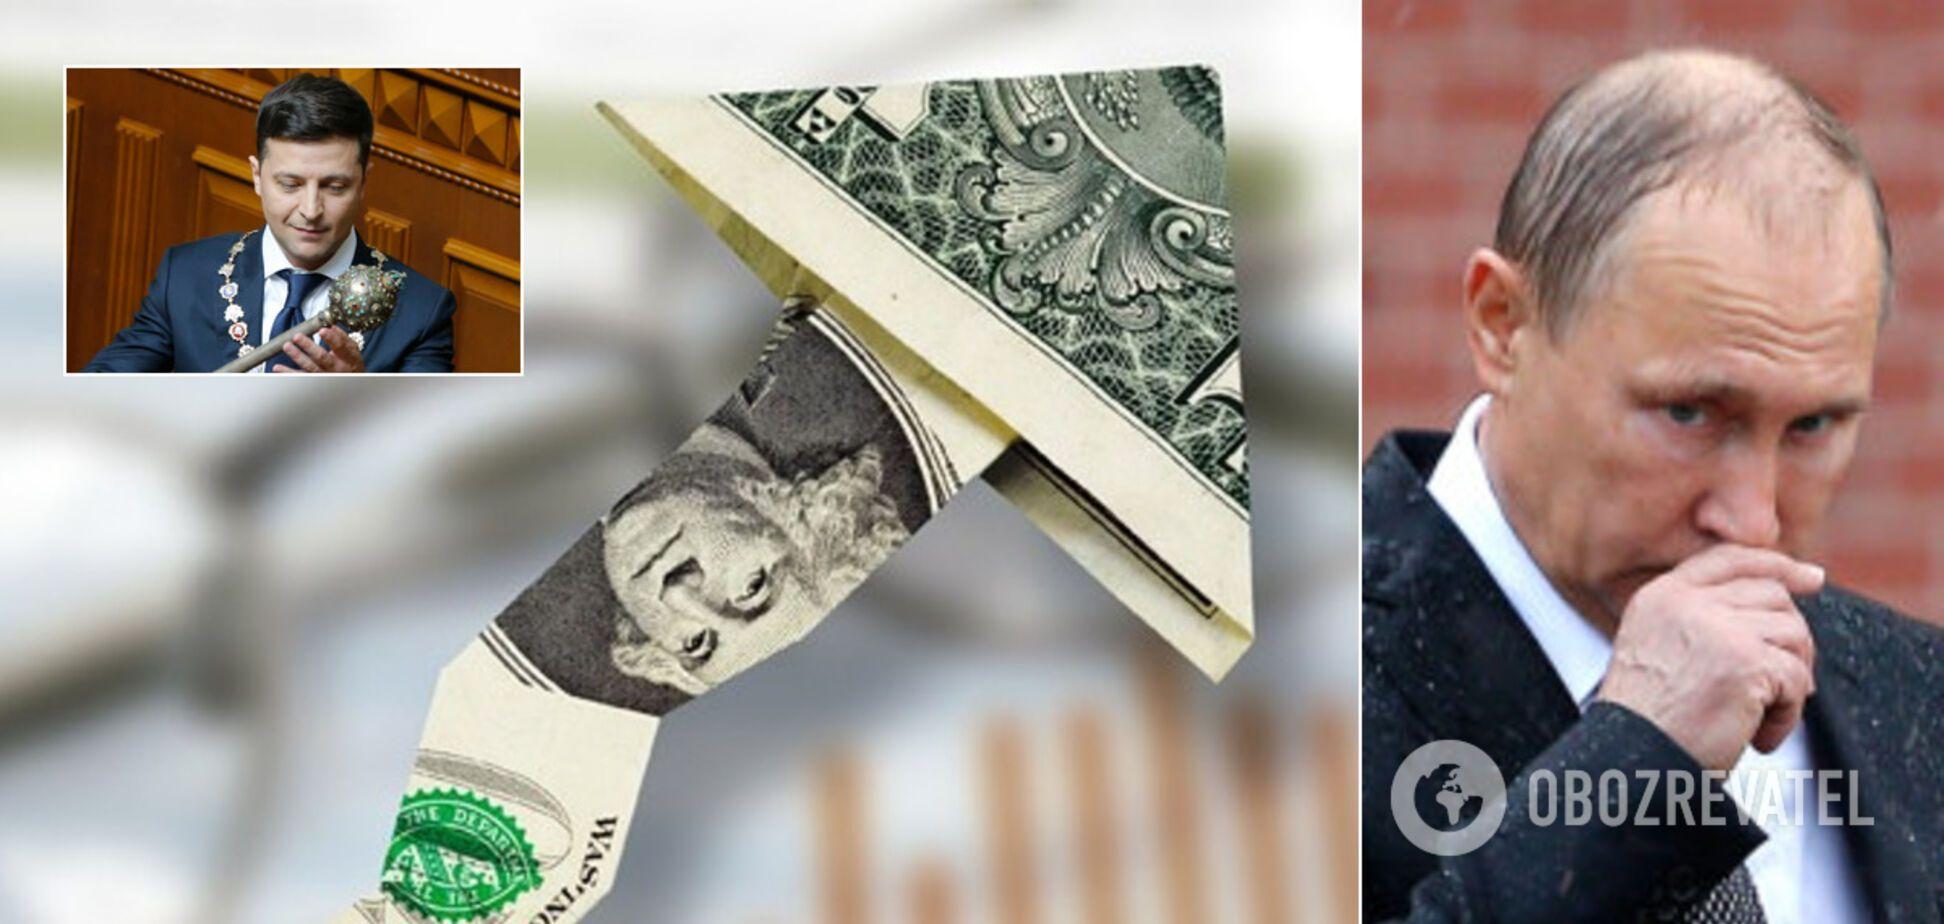 Зеленский уйдет, доллар будет по 50 грн, Россия развалится, а мир ждет большая война – экстрасенс